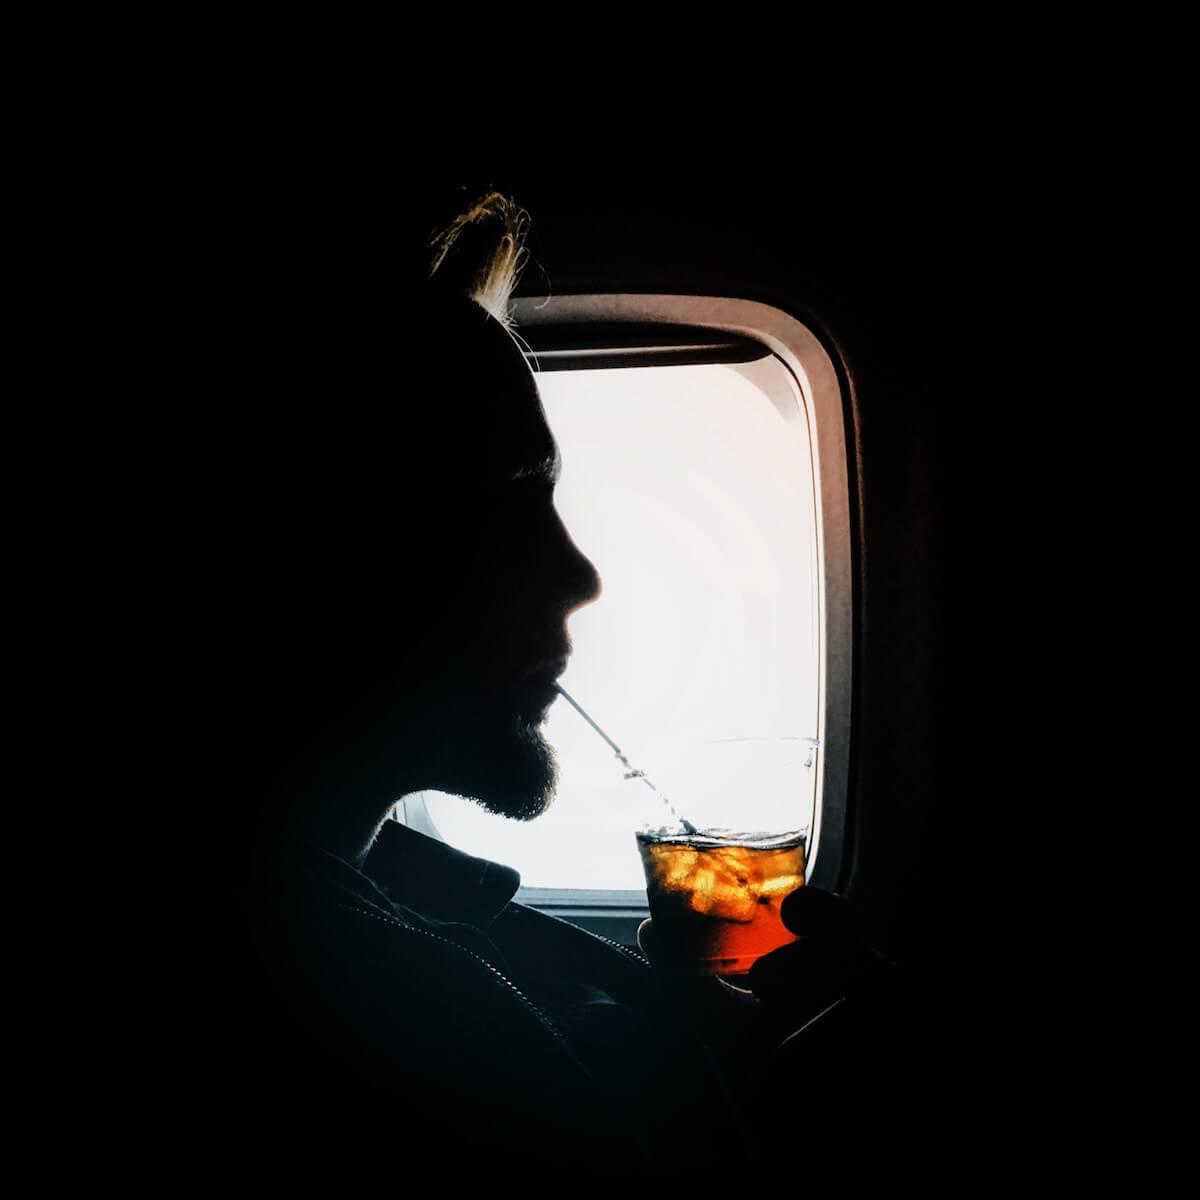 schlafen im Flugzeug Essen und Trinken